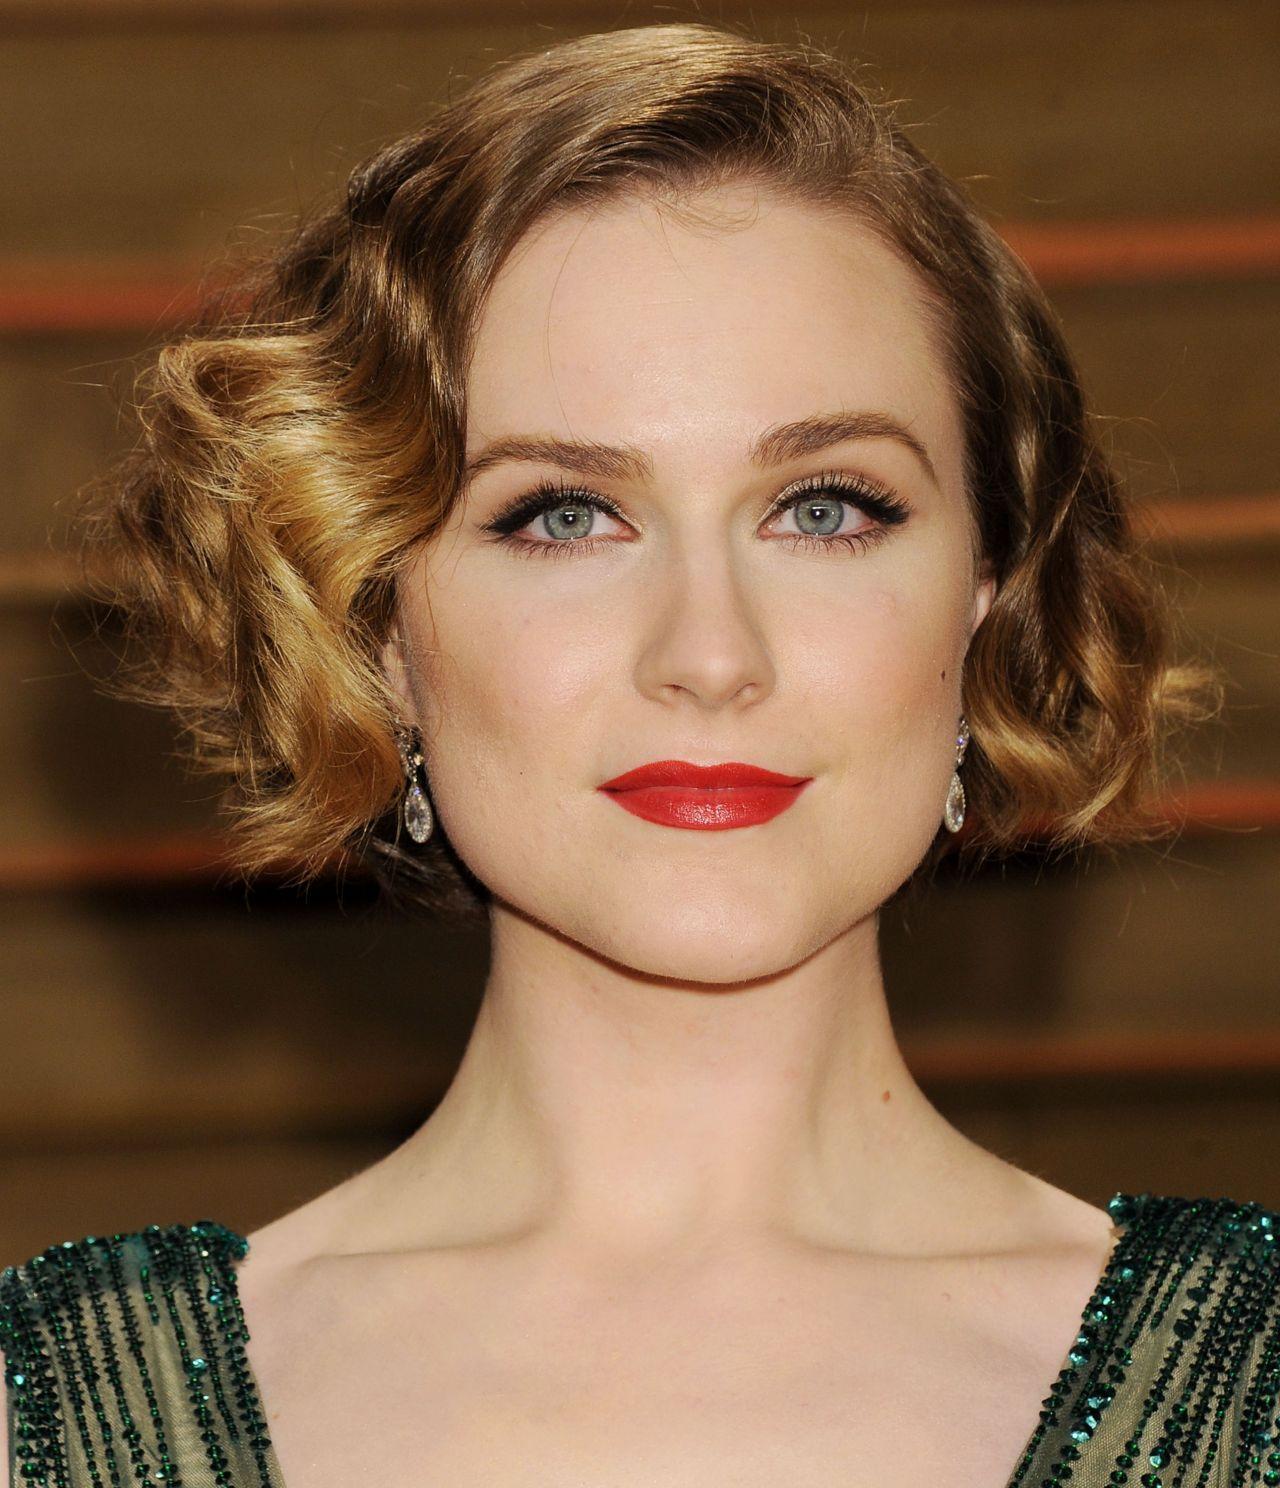 Evan Rachel Wood In Elie Saab Fall 2013 Couture Gown 2014 Vanity Fair Oscars Party